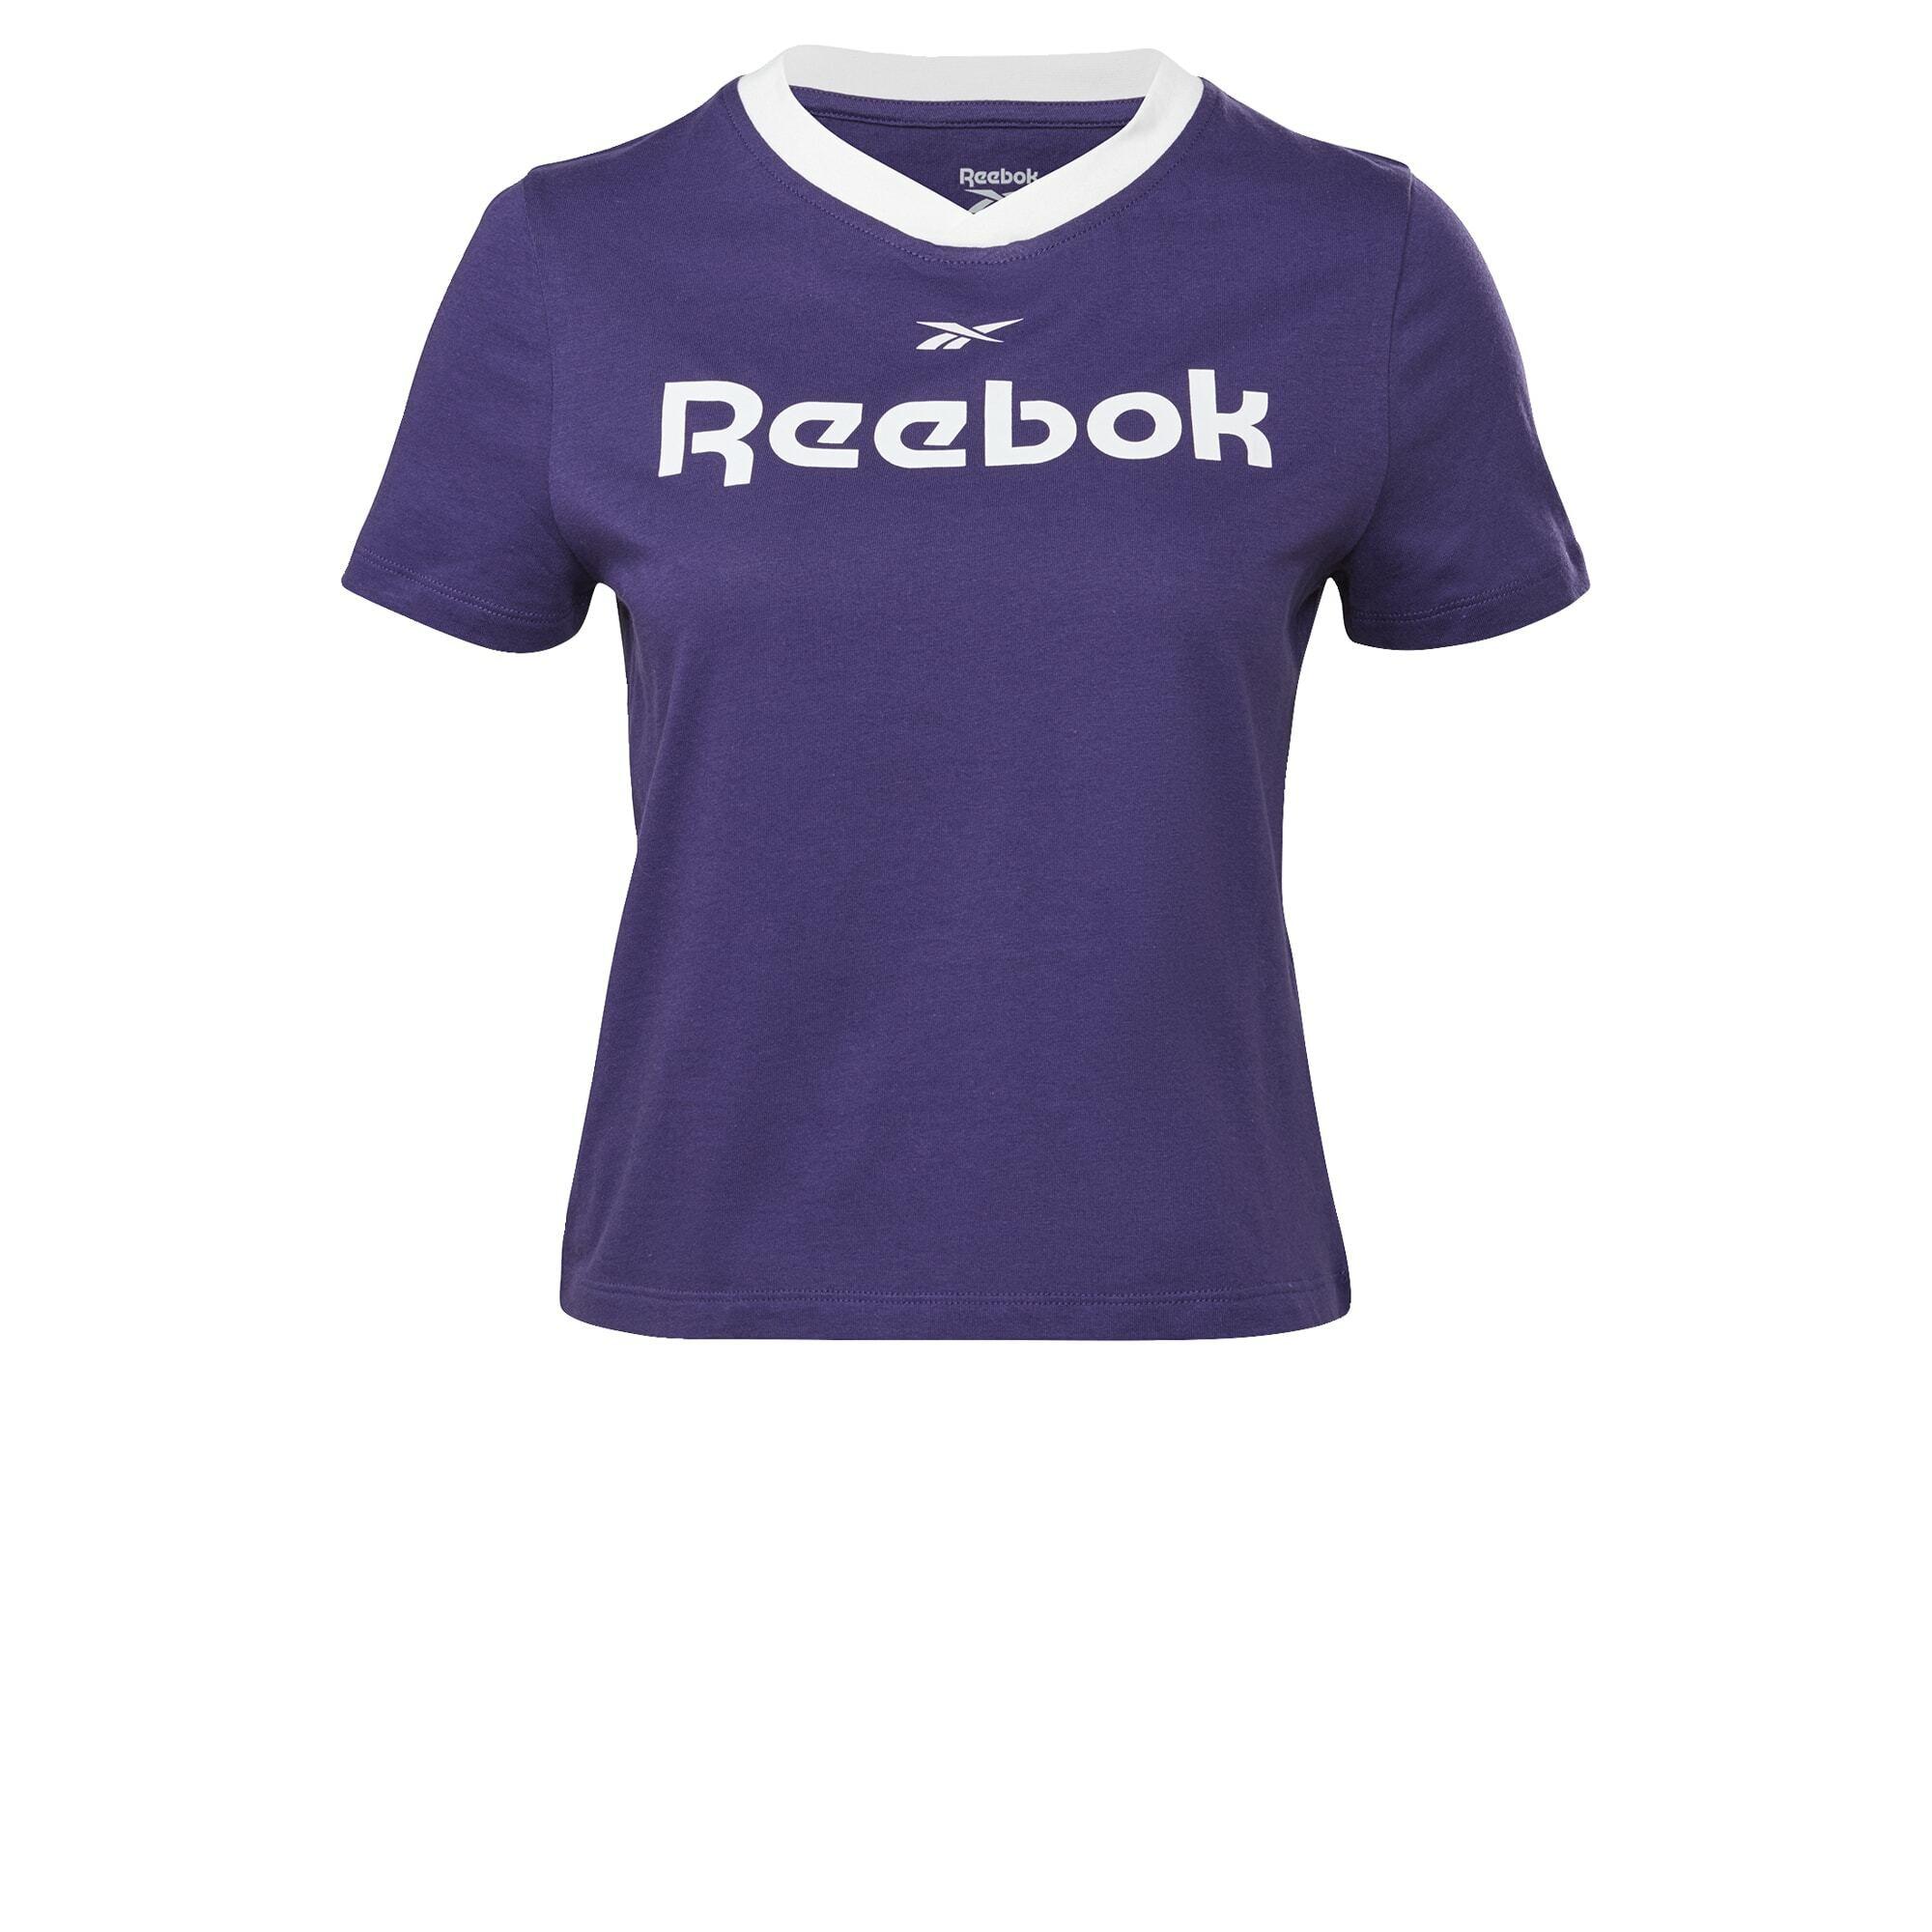 Reebok Classic Marškinėliai balta / tamsiai violetinė